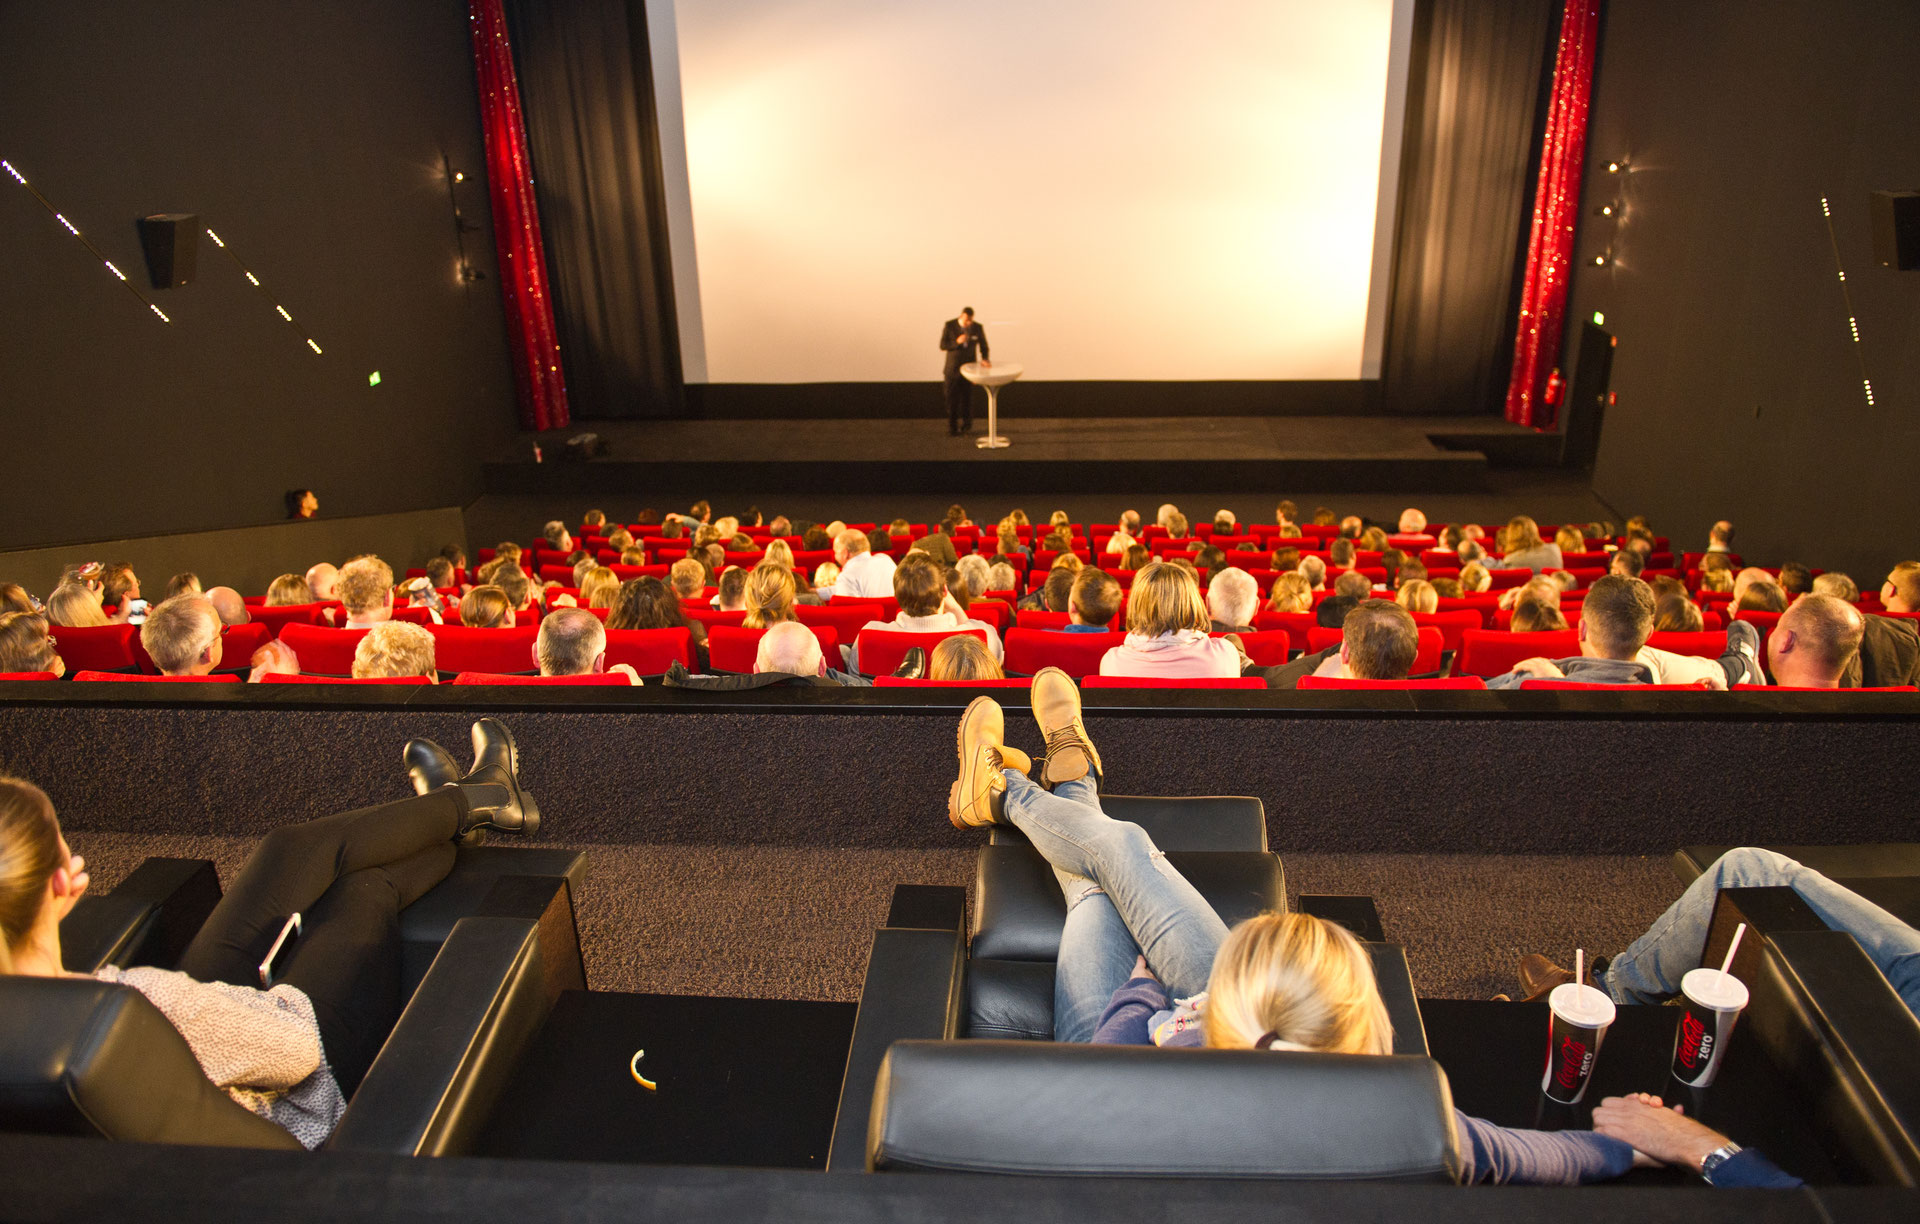 Kino Bensheim